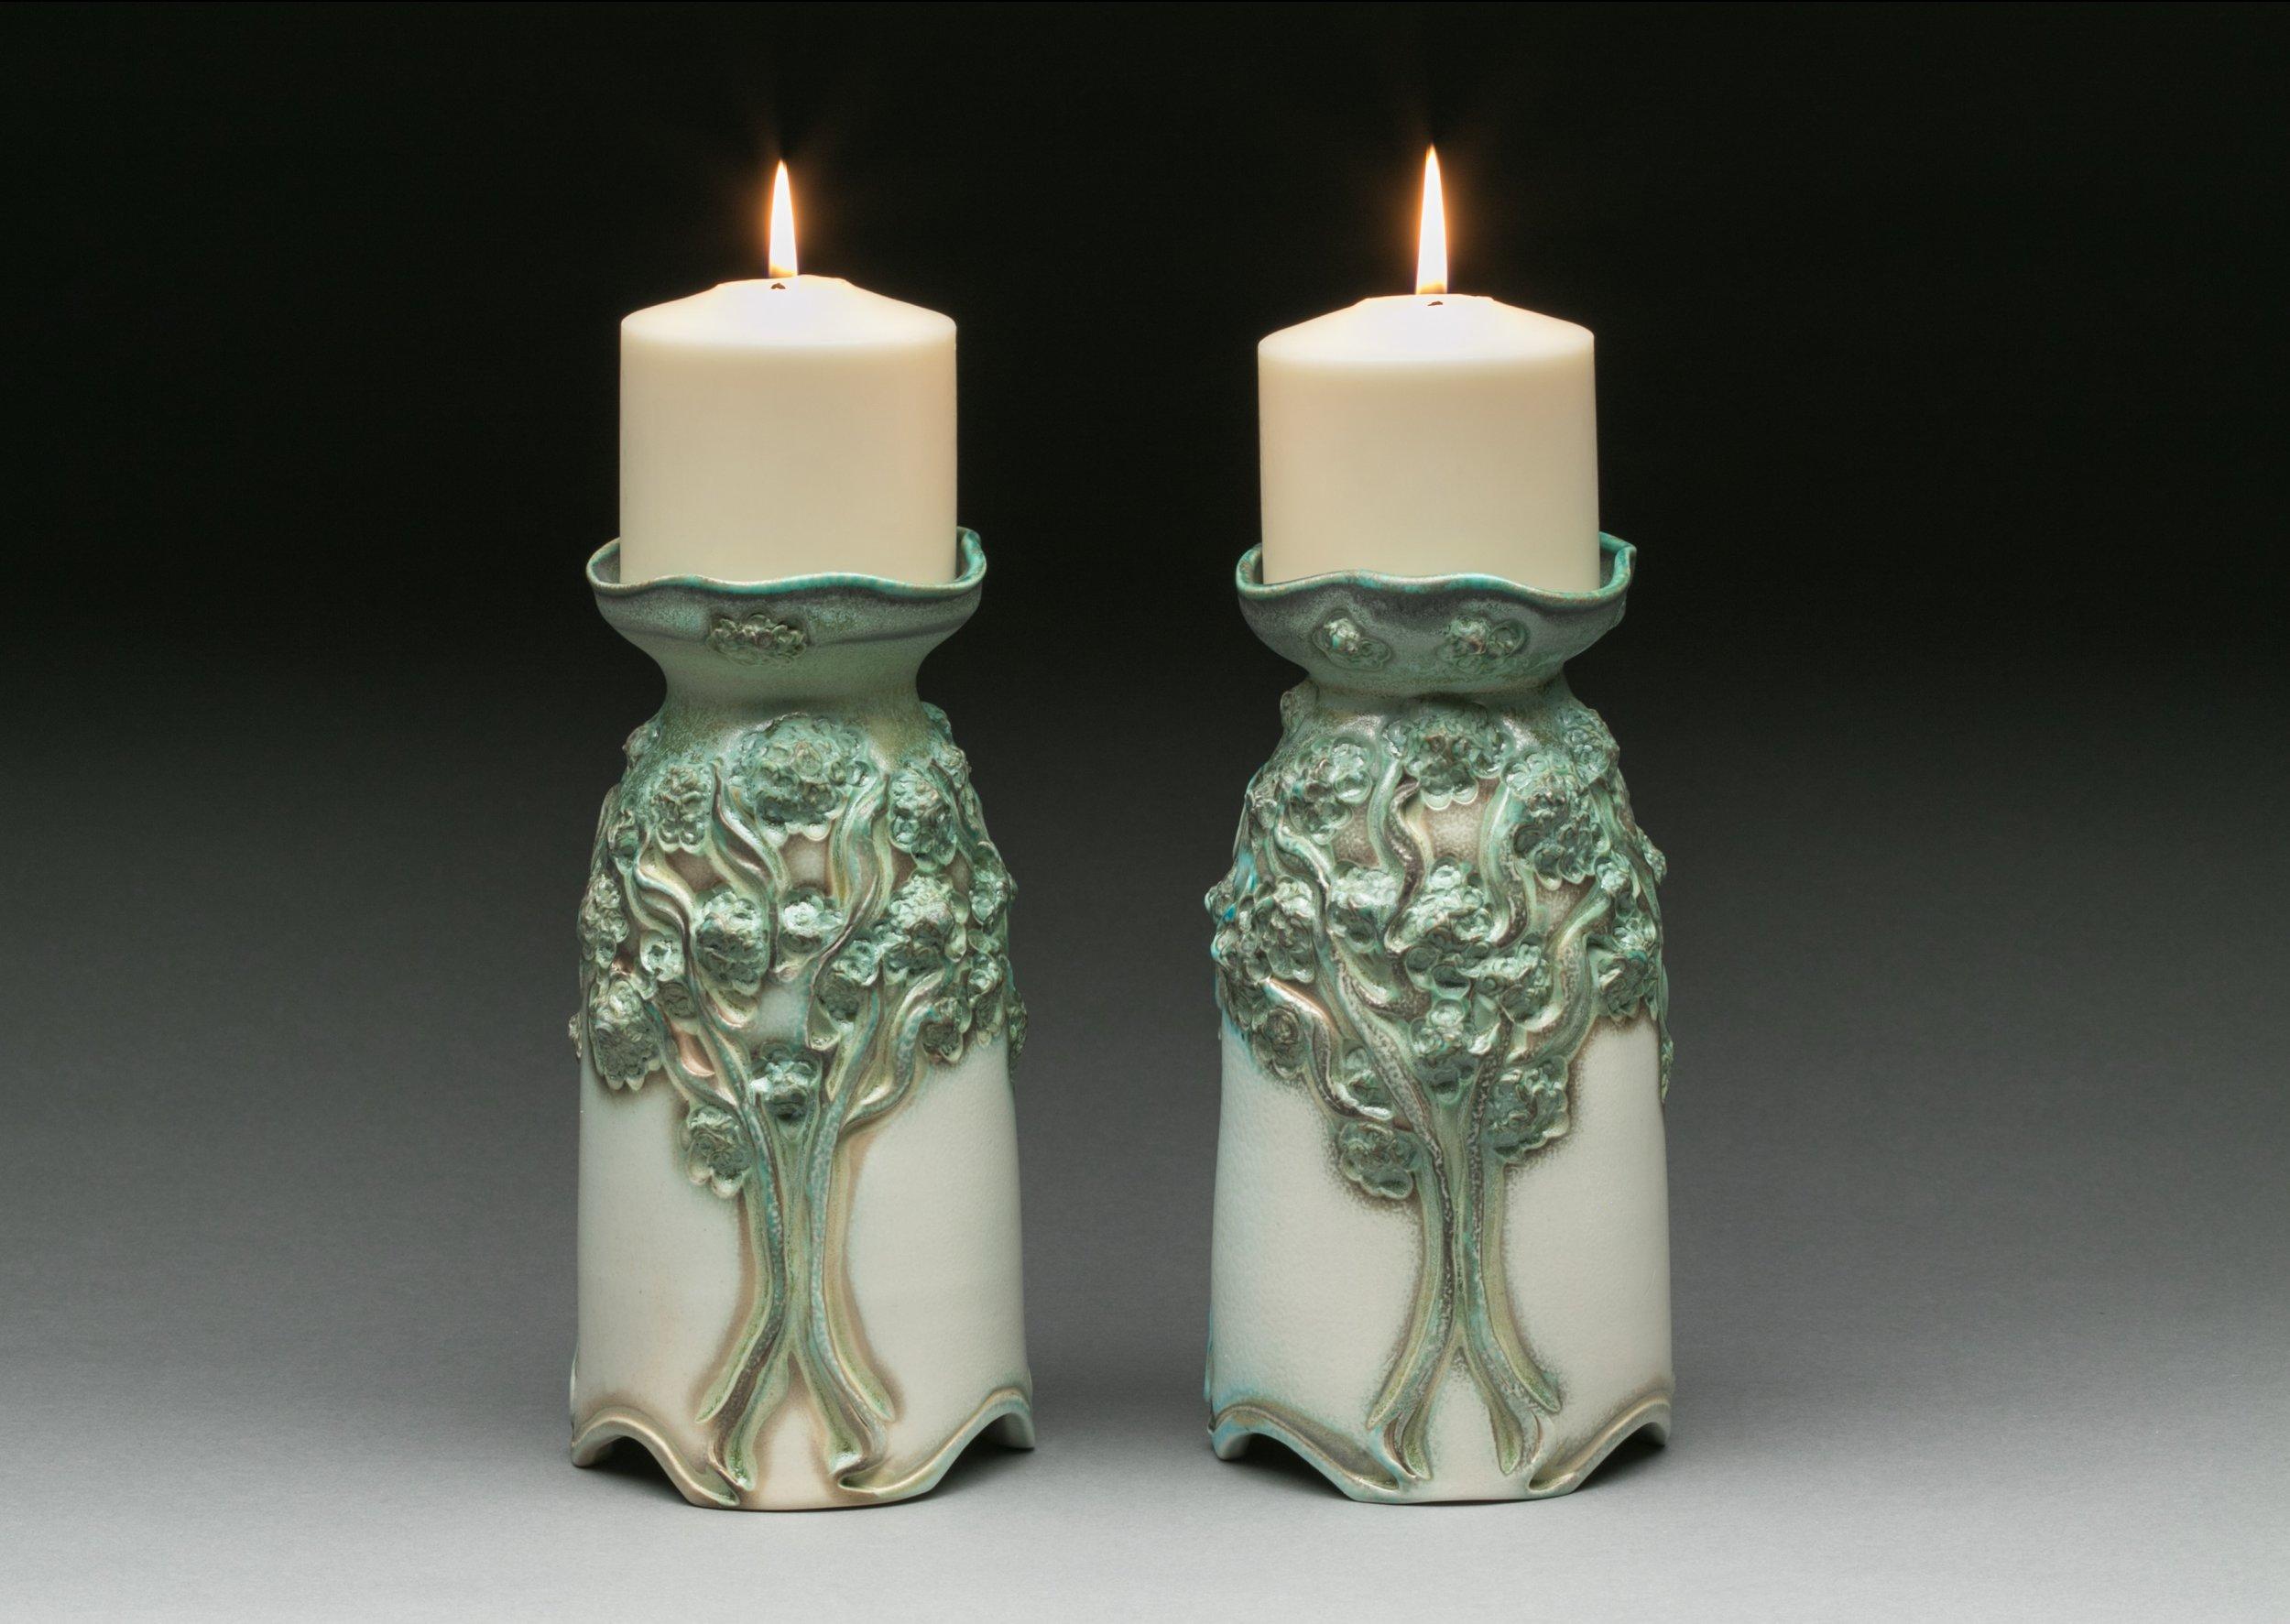 Candles1a.jpg